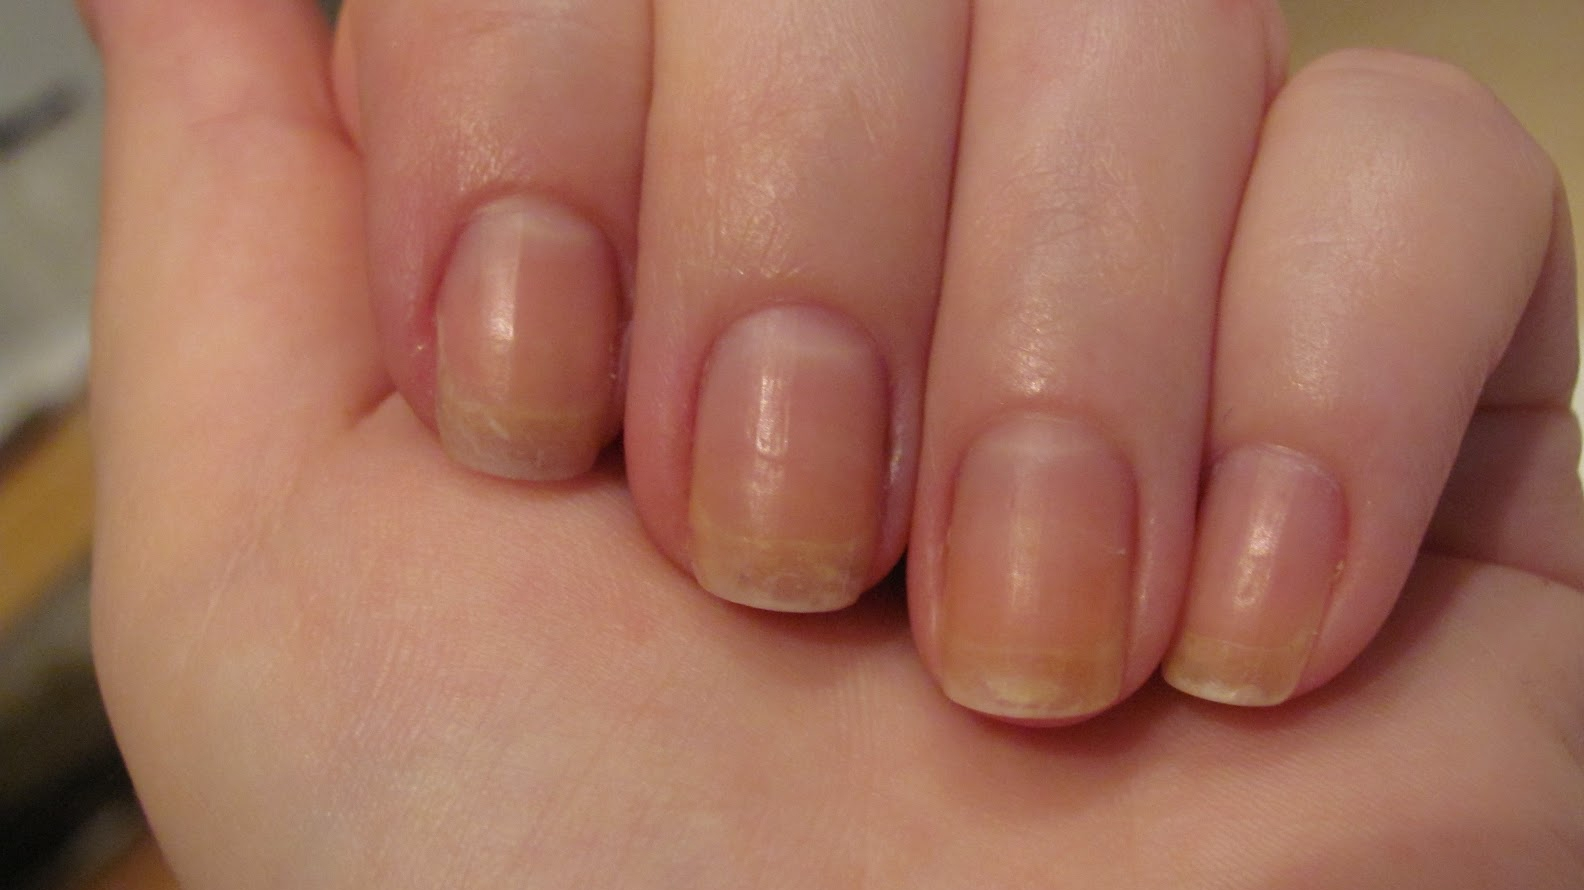 Tumorile maligne ale unghiilor - semne şi simptome Simptome cancer unghie